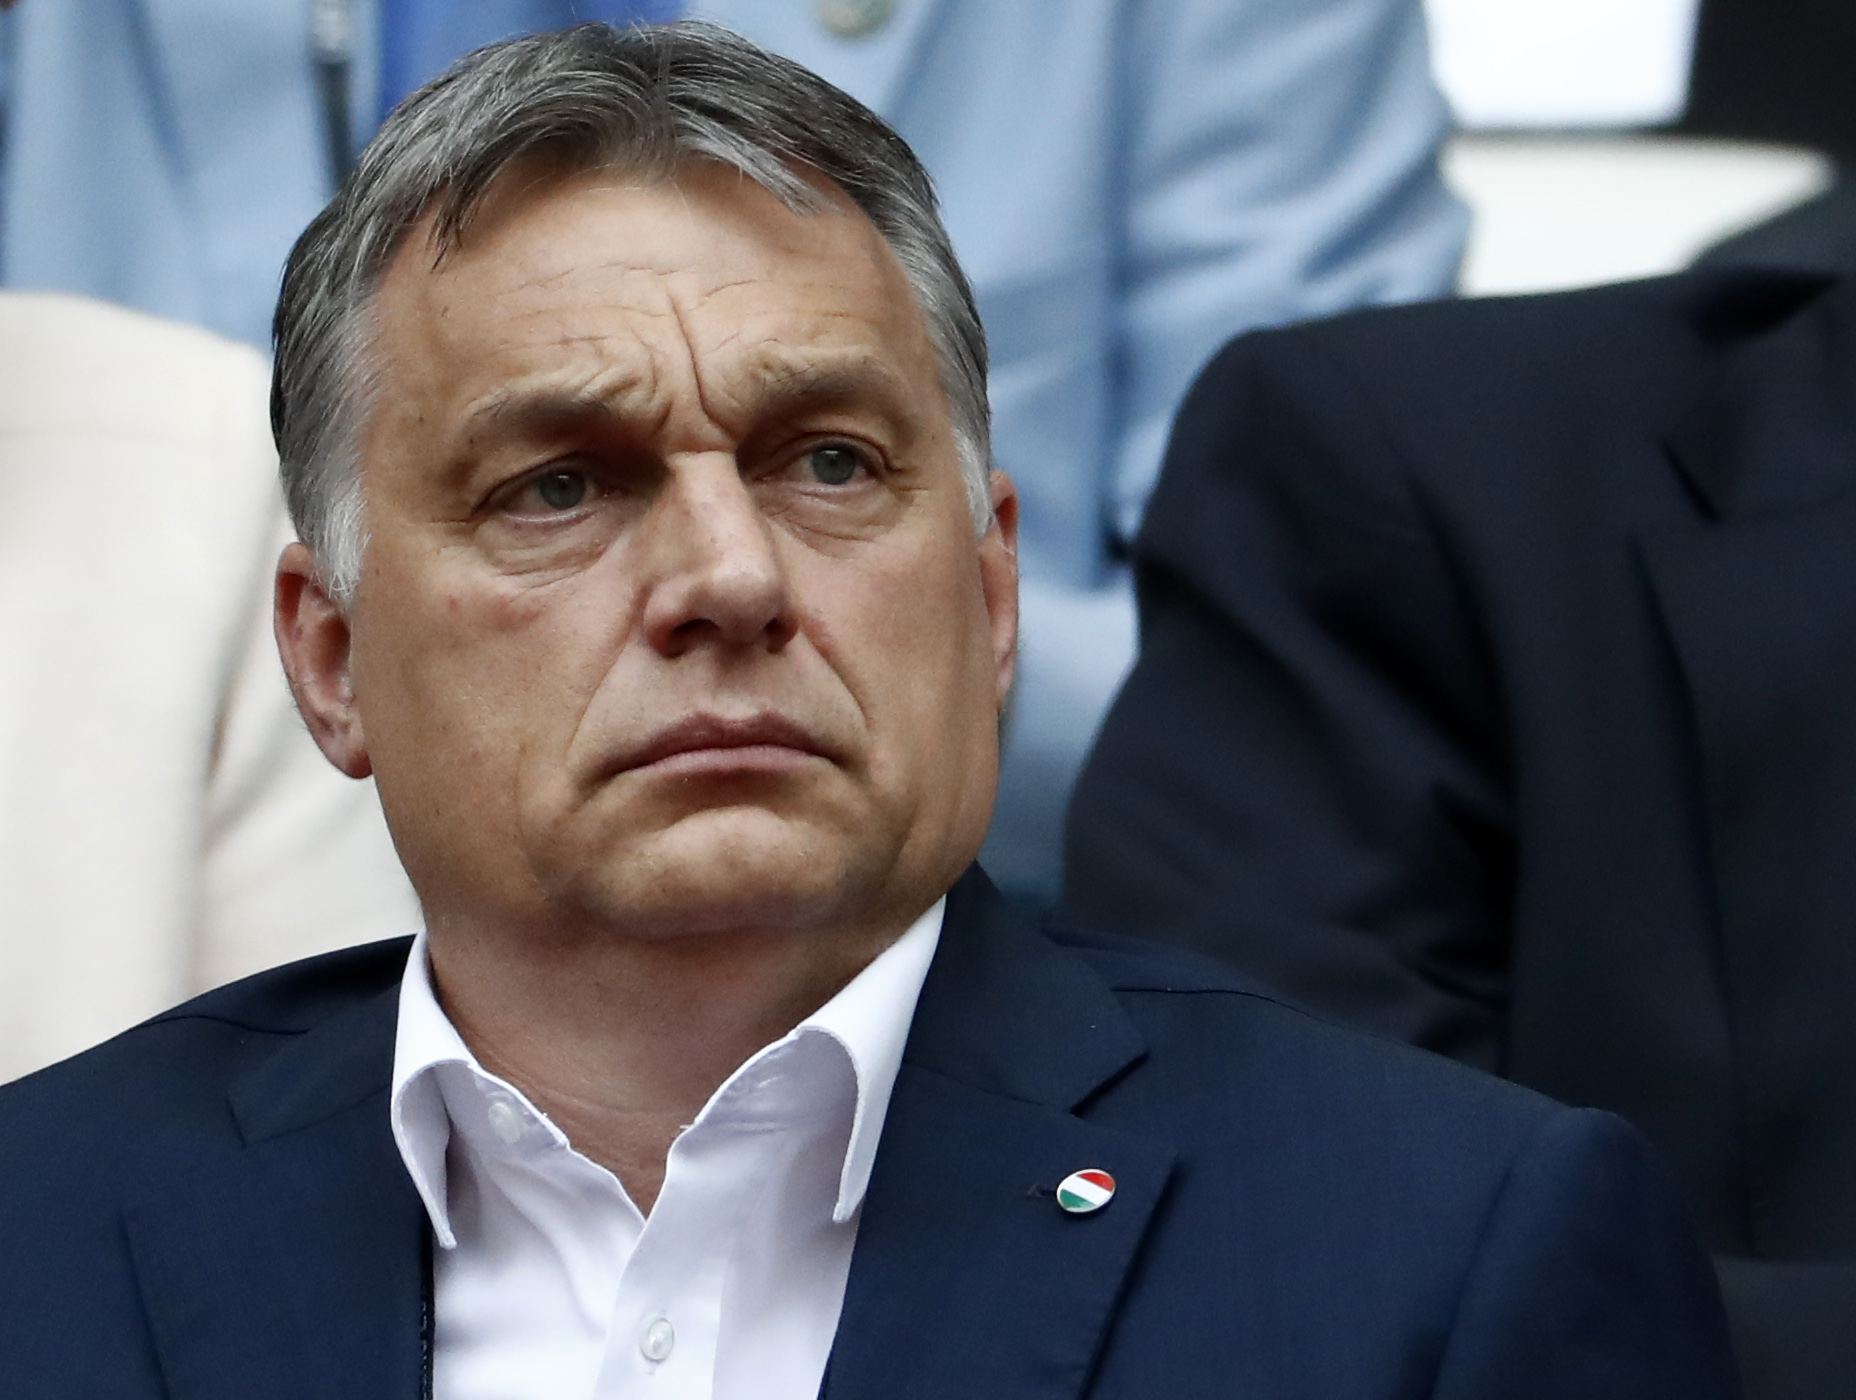 Négyen is kiosztották az Orbán-rezsimet védő Tibor Fischert a Guardianben